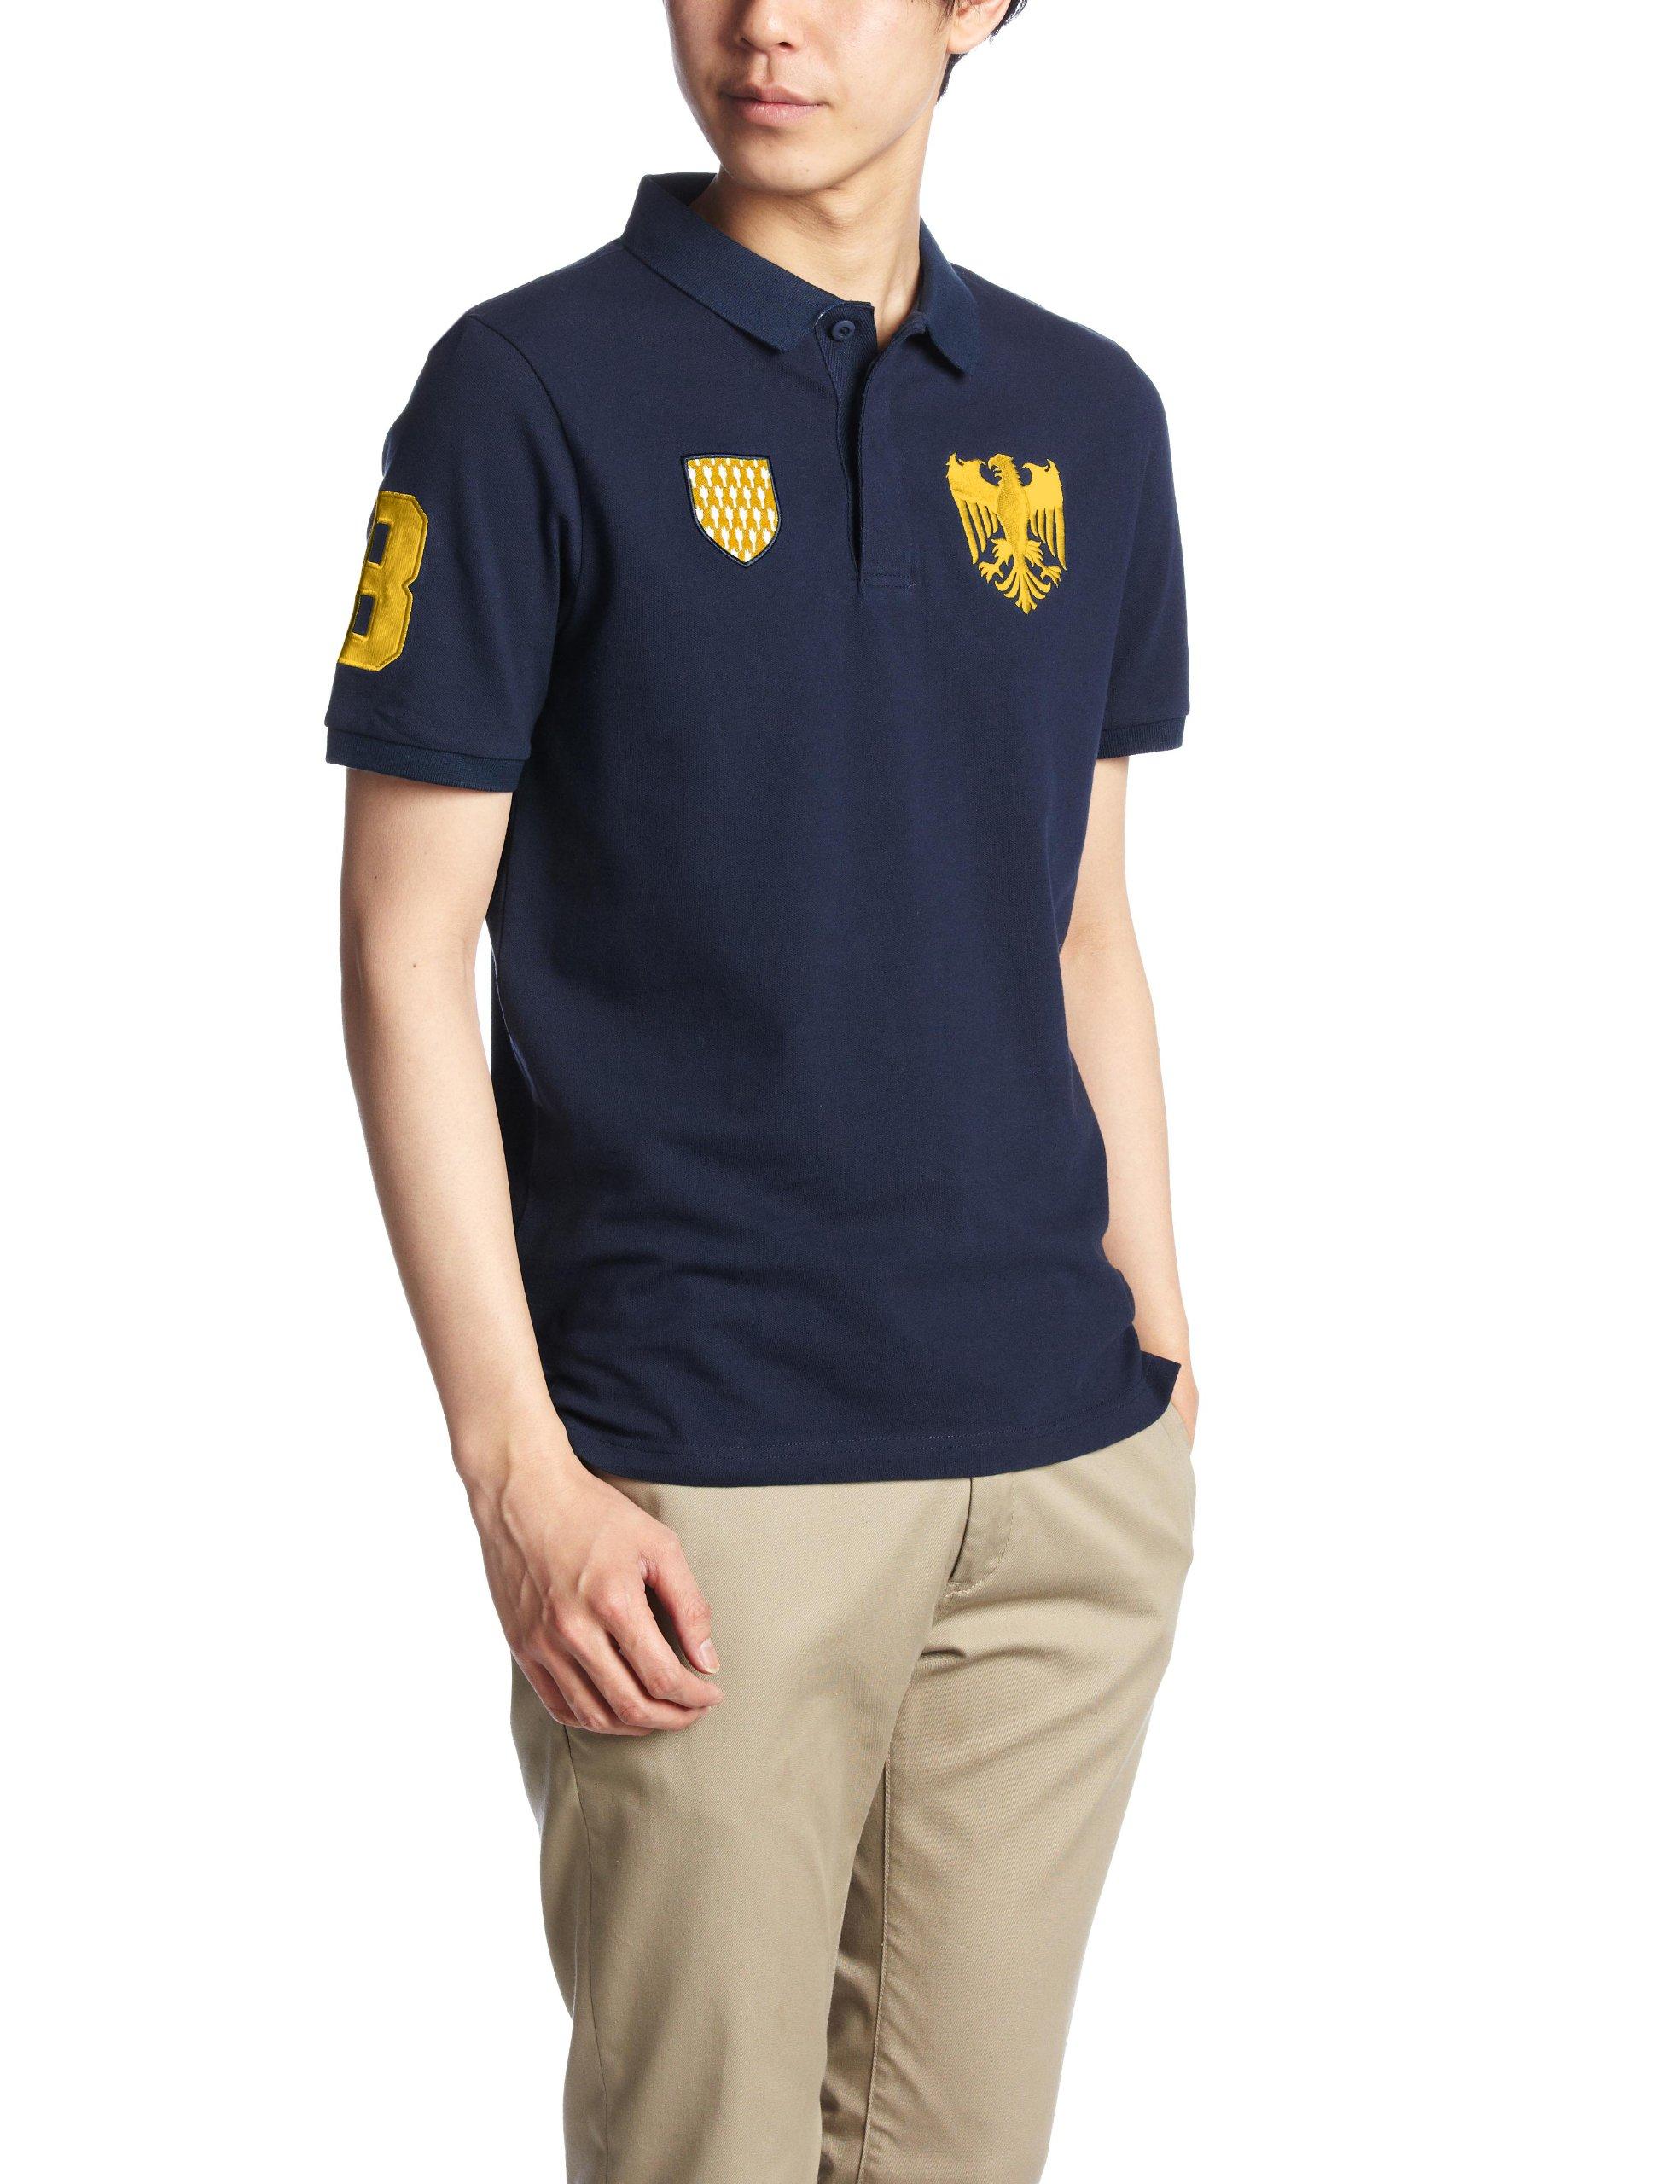 (ジョルダーノ)GIORDANO グリフィン刺繍エンブレムワッペン半袖ポロシャツ